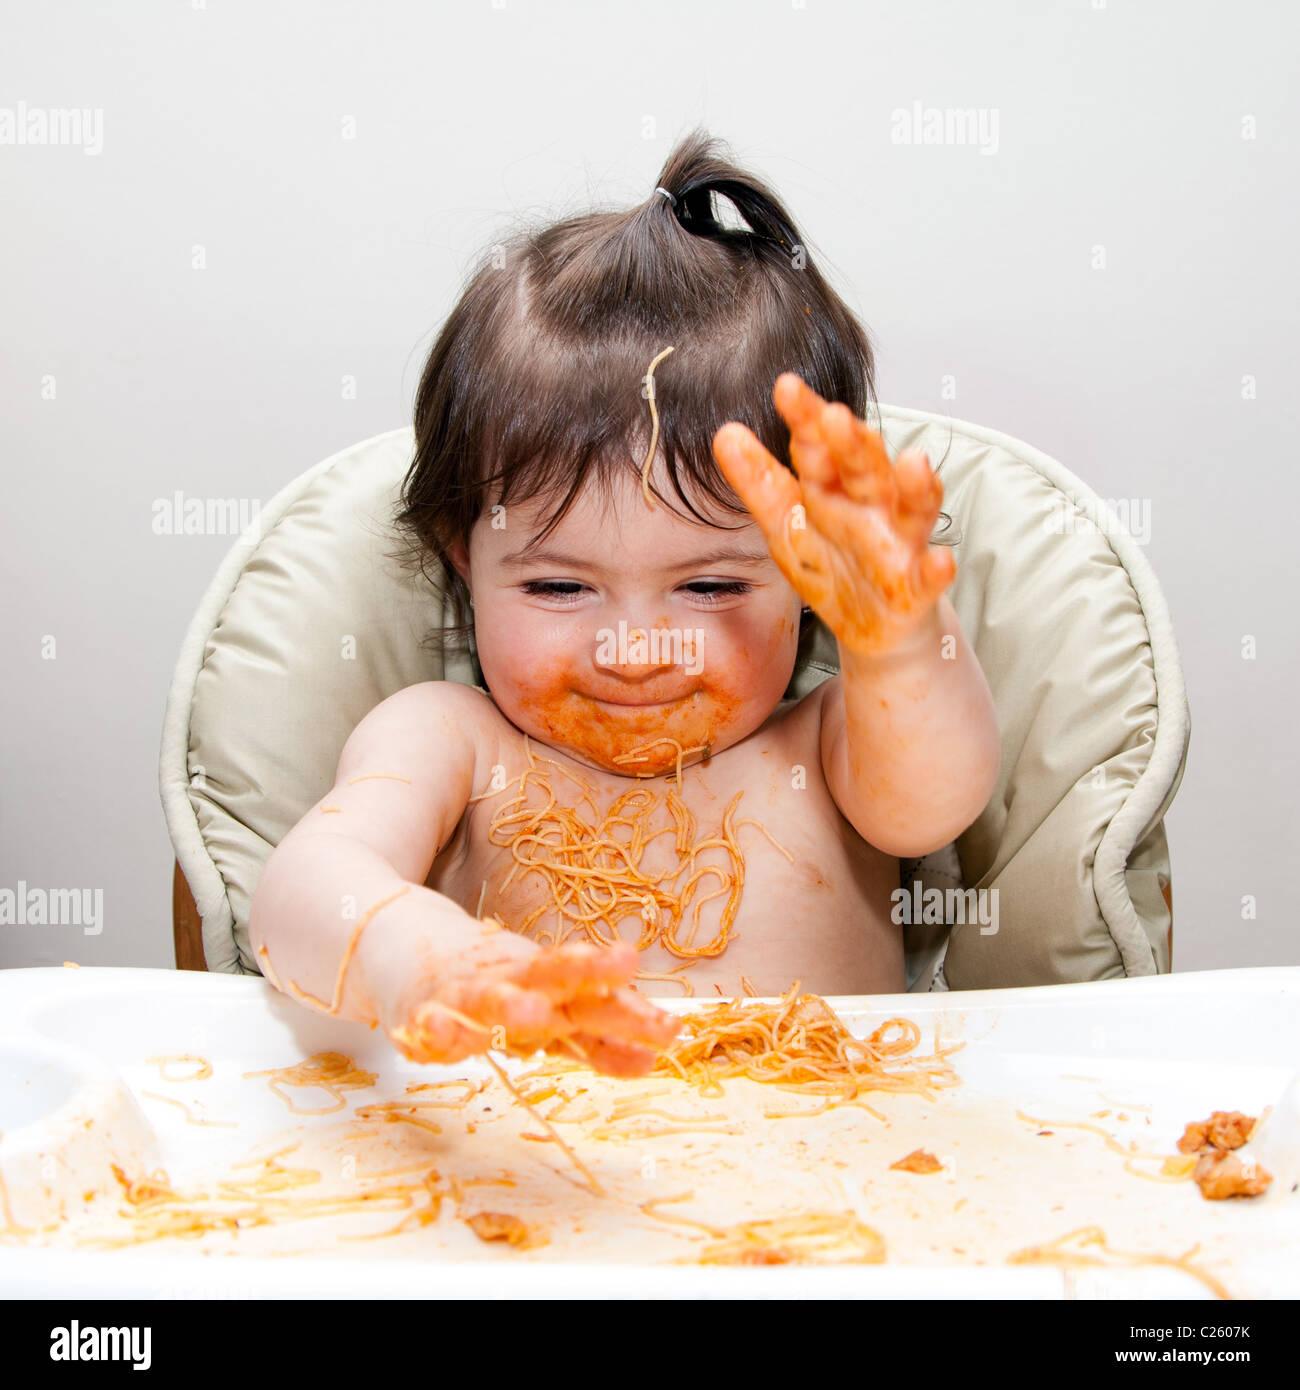 Bebé feliz divertirse comer desordenado bofetadas manos cubiertas en Spaghetti Pasta cabello de ángel Imagen De Stock